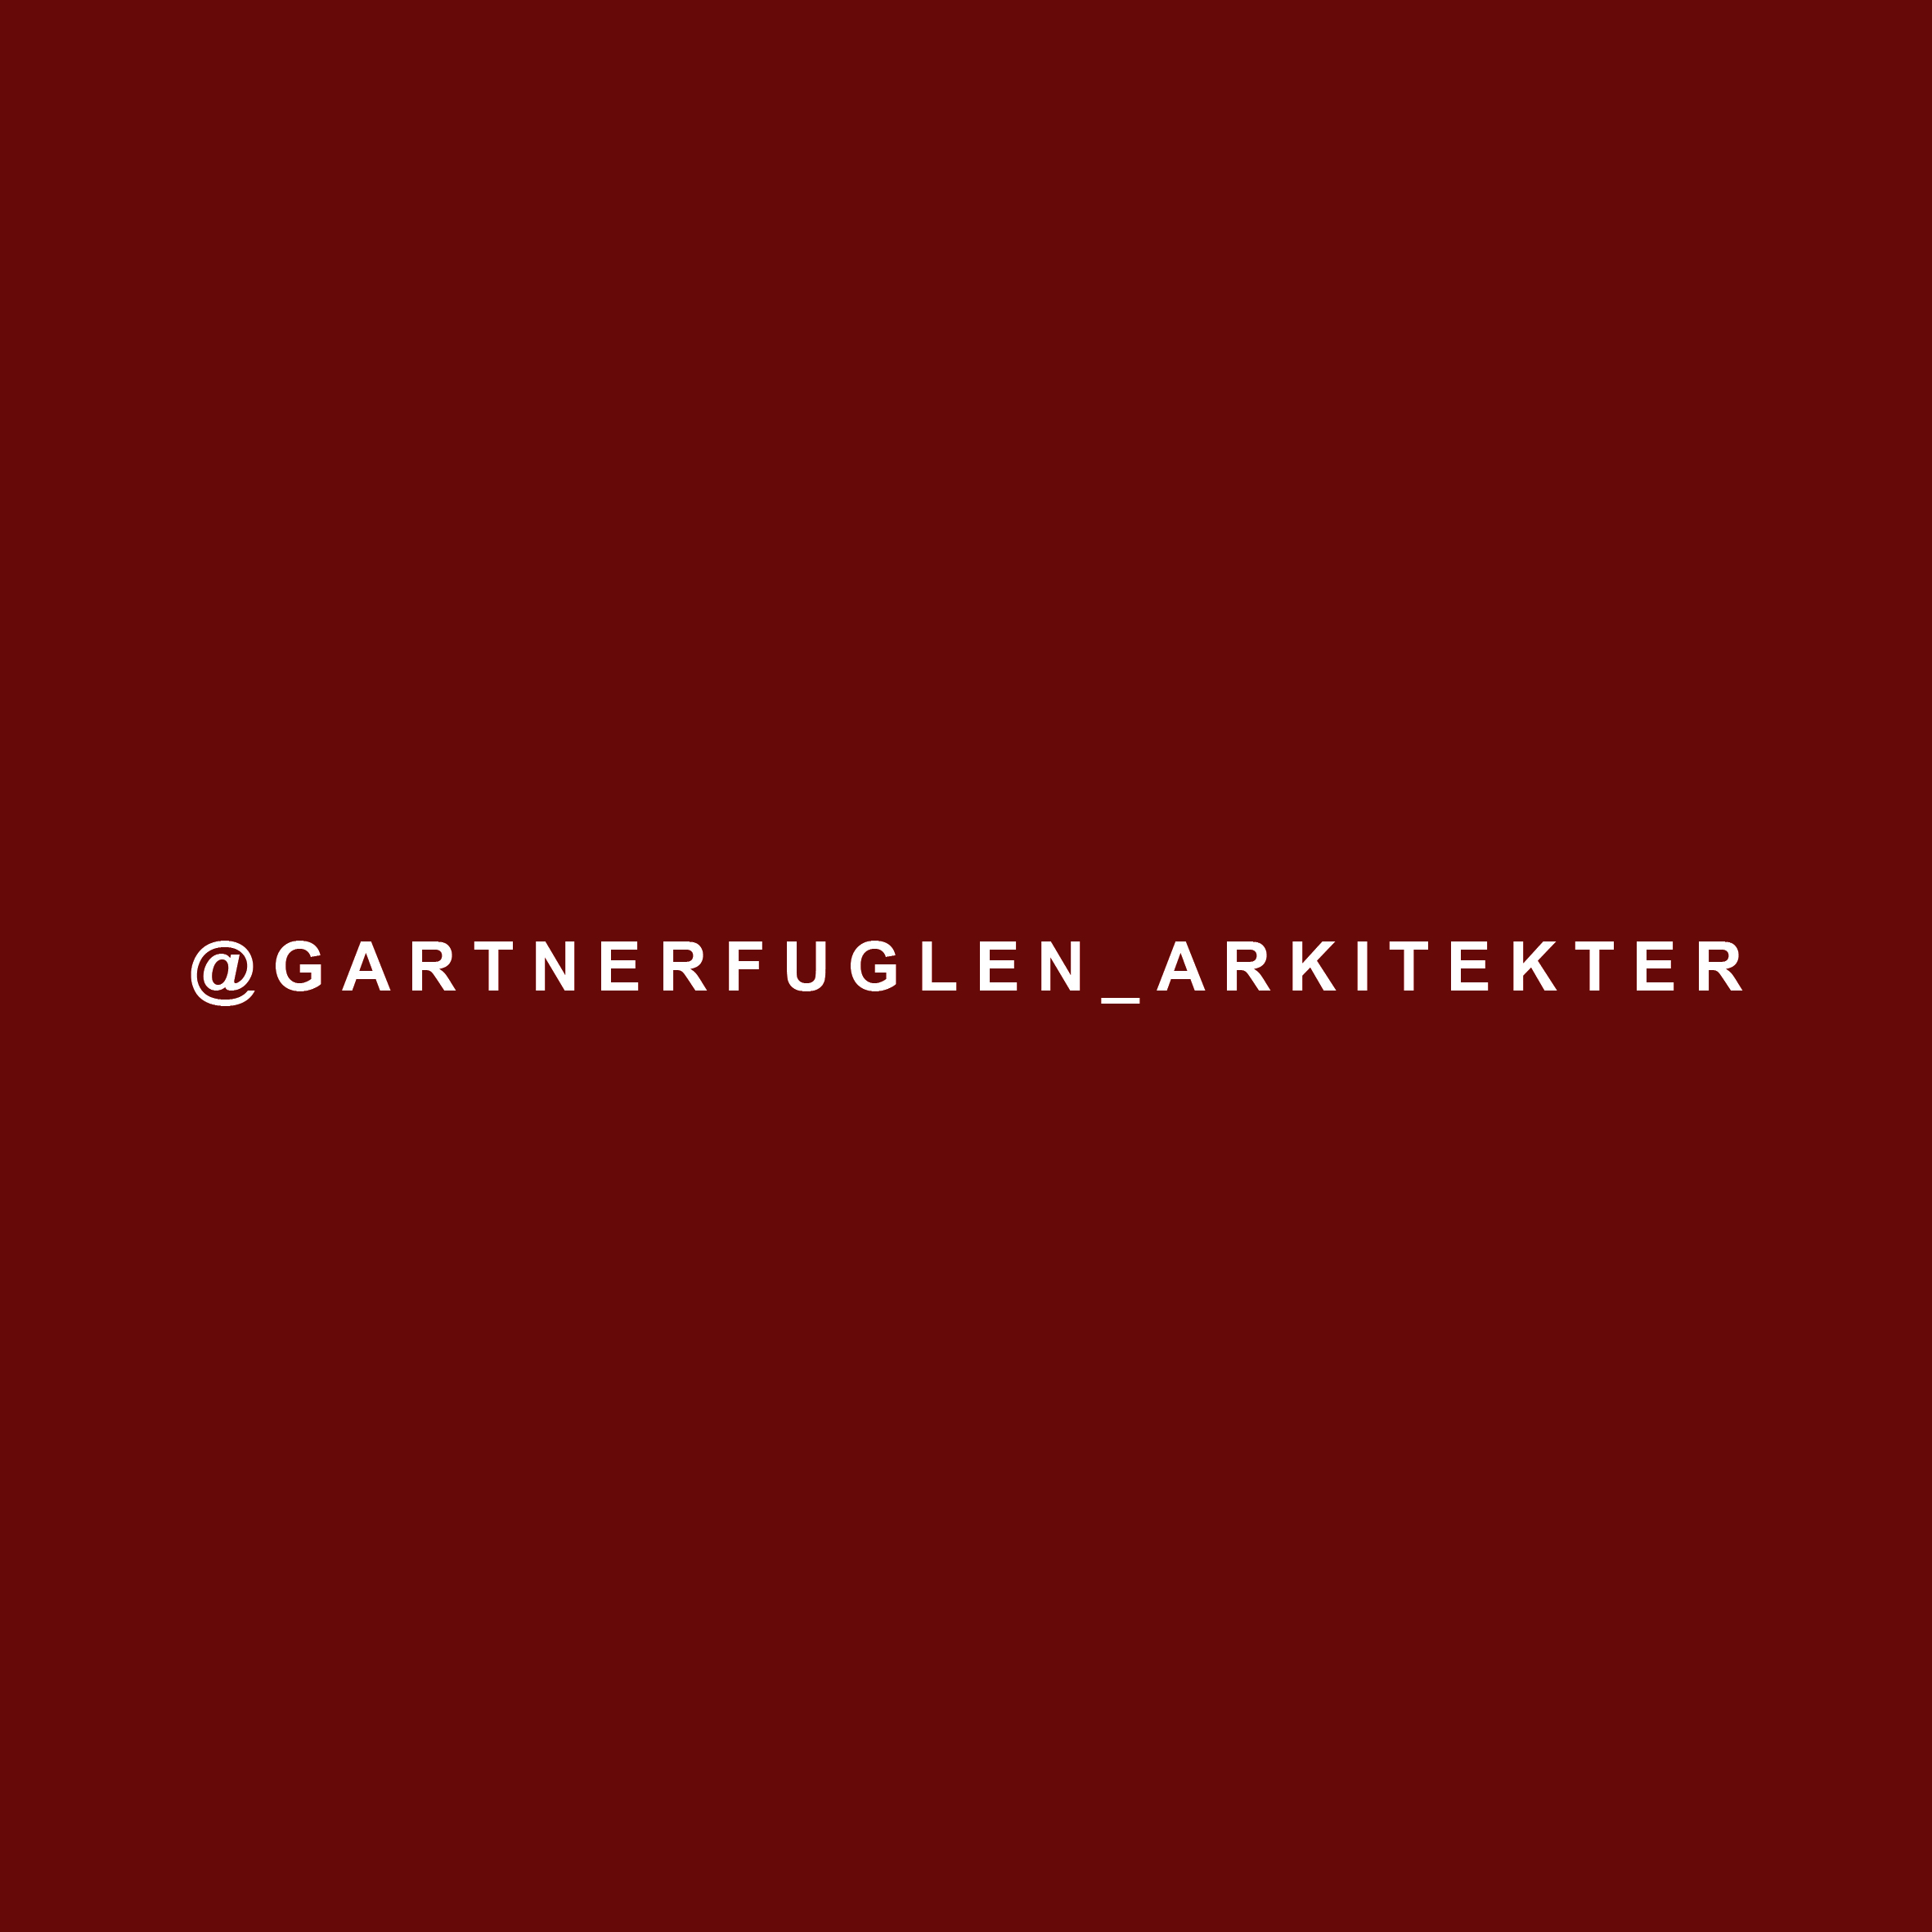 GARTNERFUGLEN6.jpg